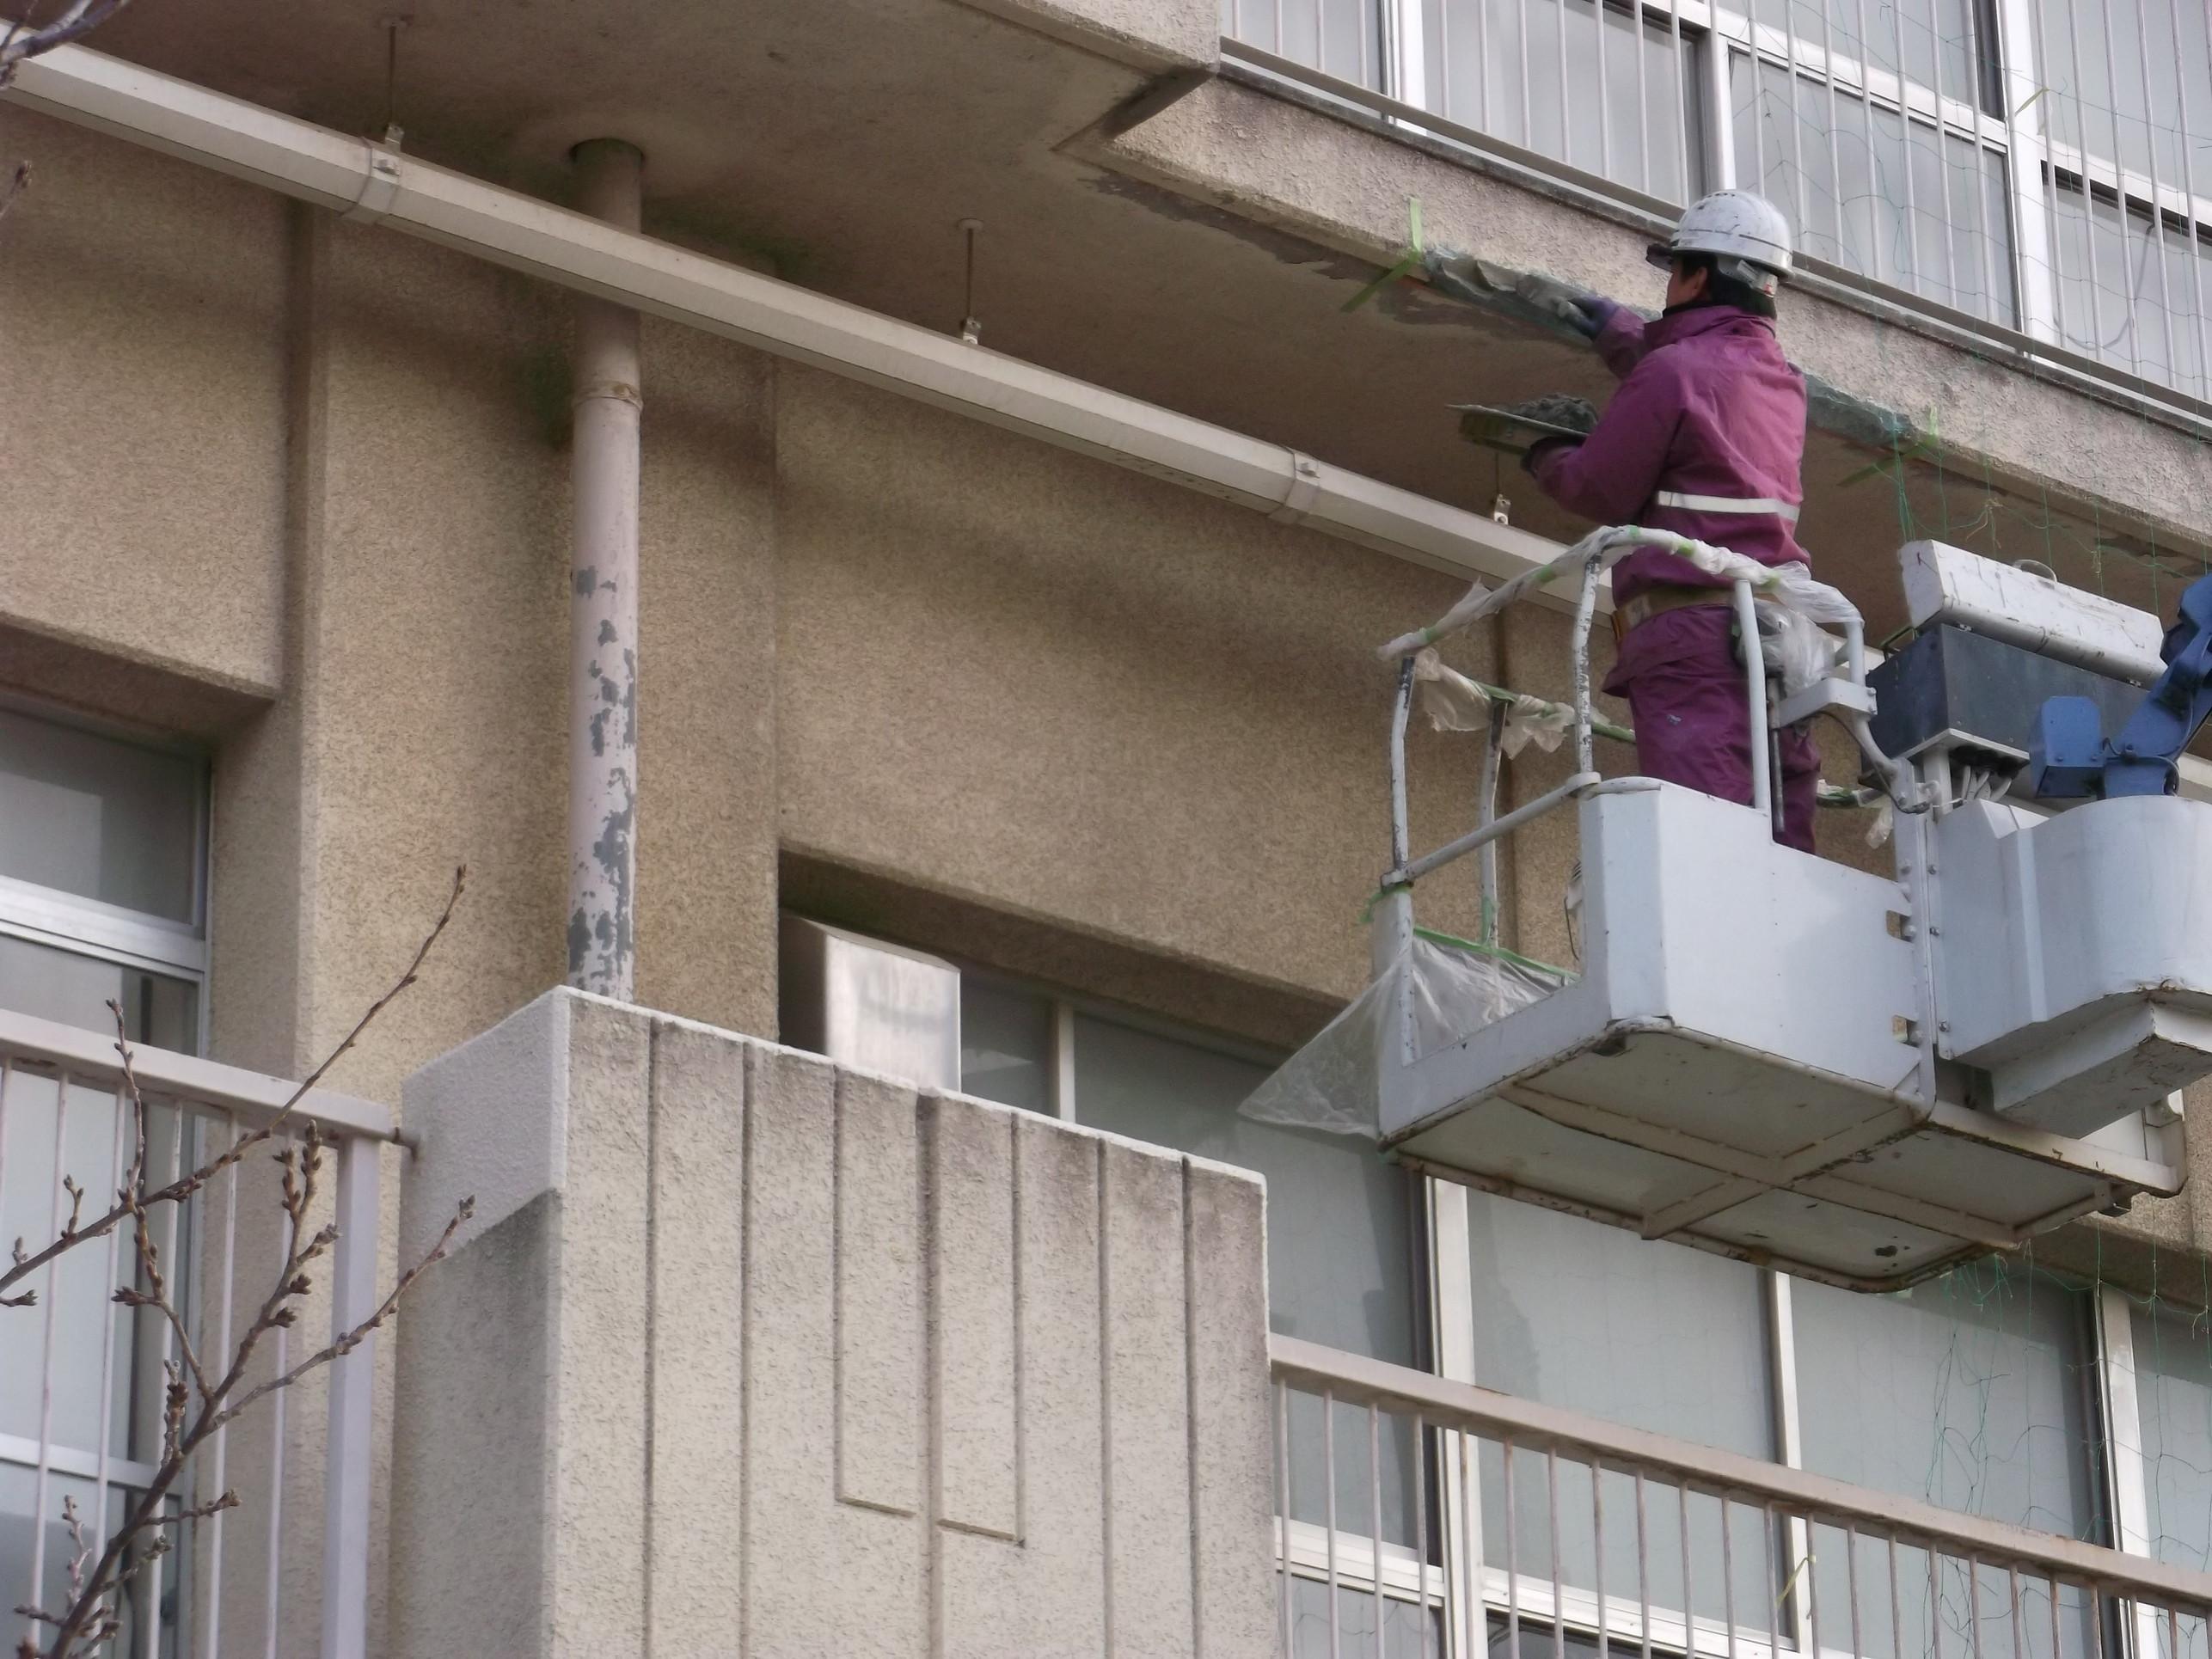 宝塚市 市立小学校 外壁修繕イメージ02